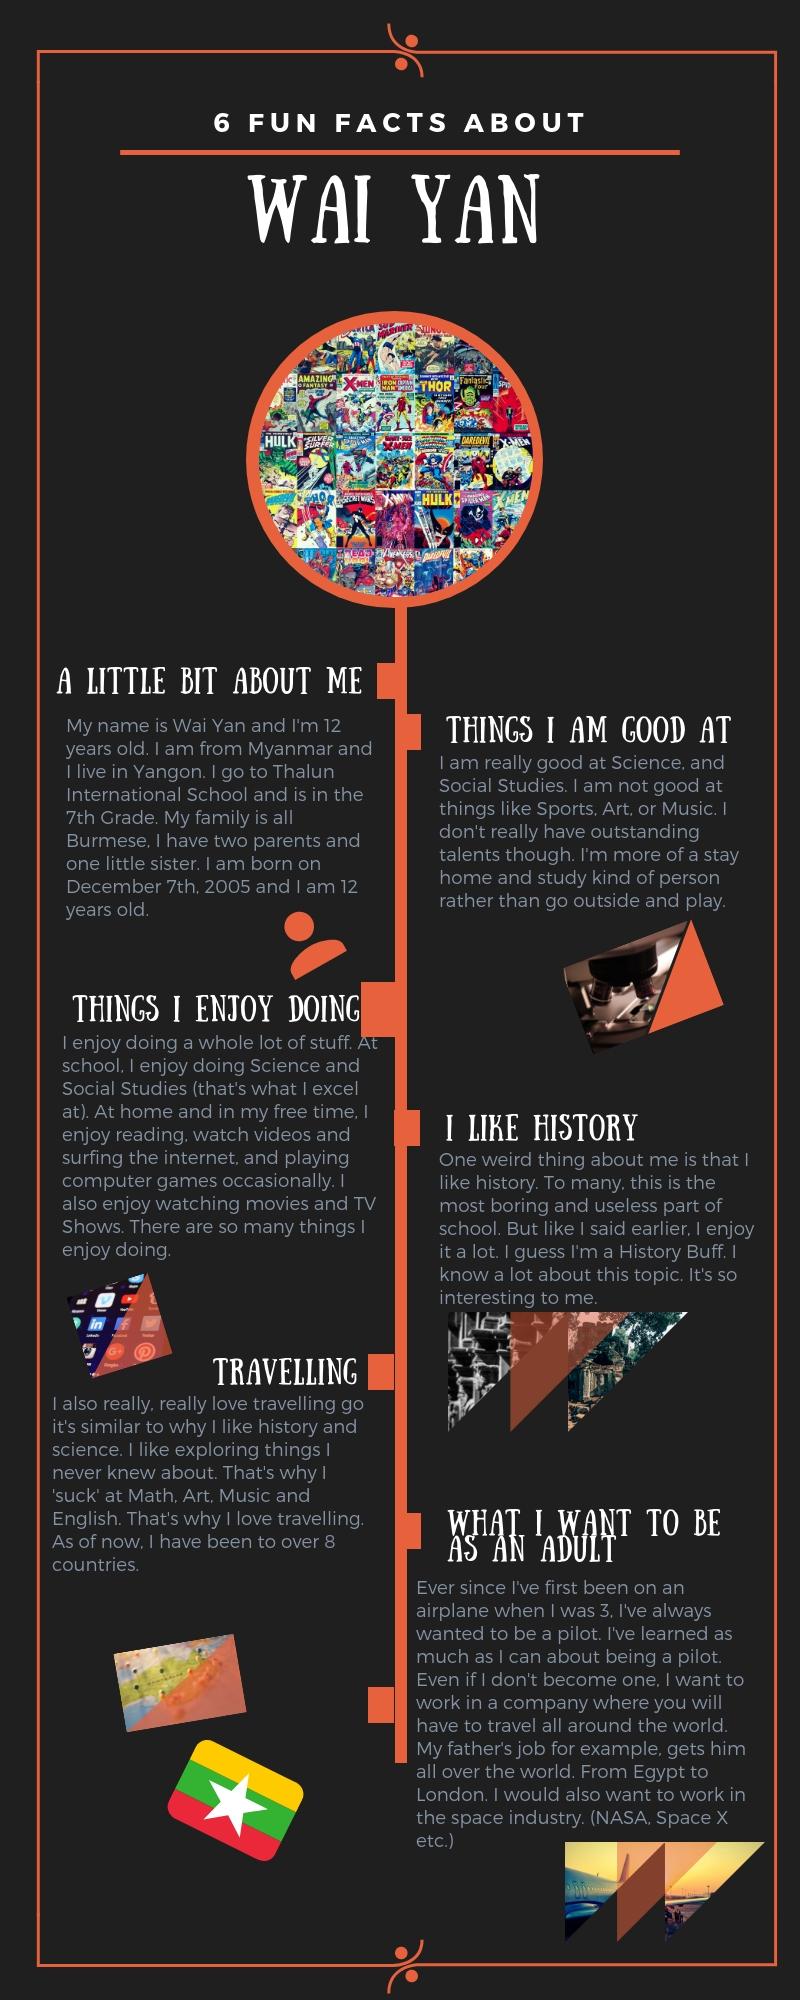 6 Fun Facts About Wai Yan